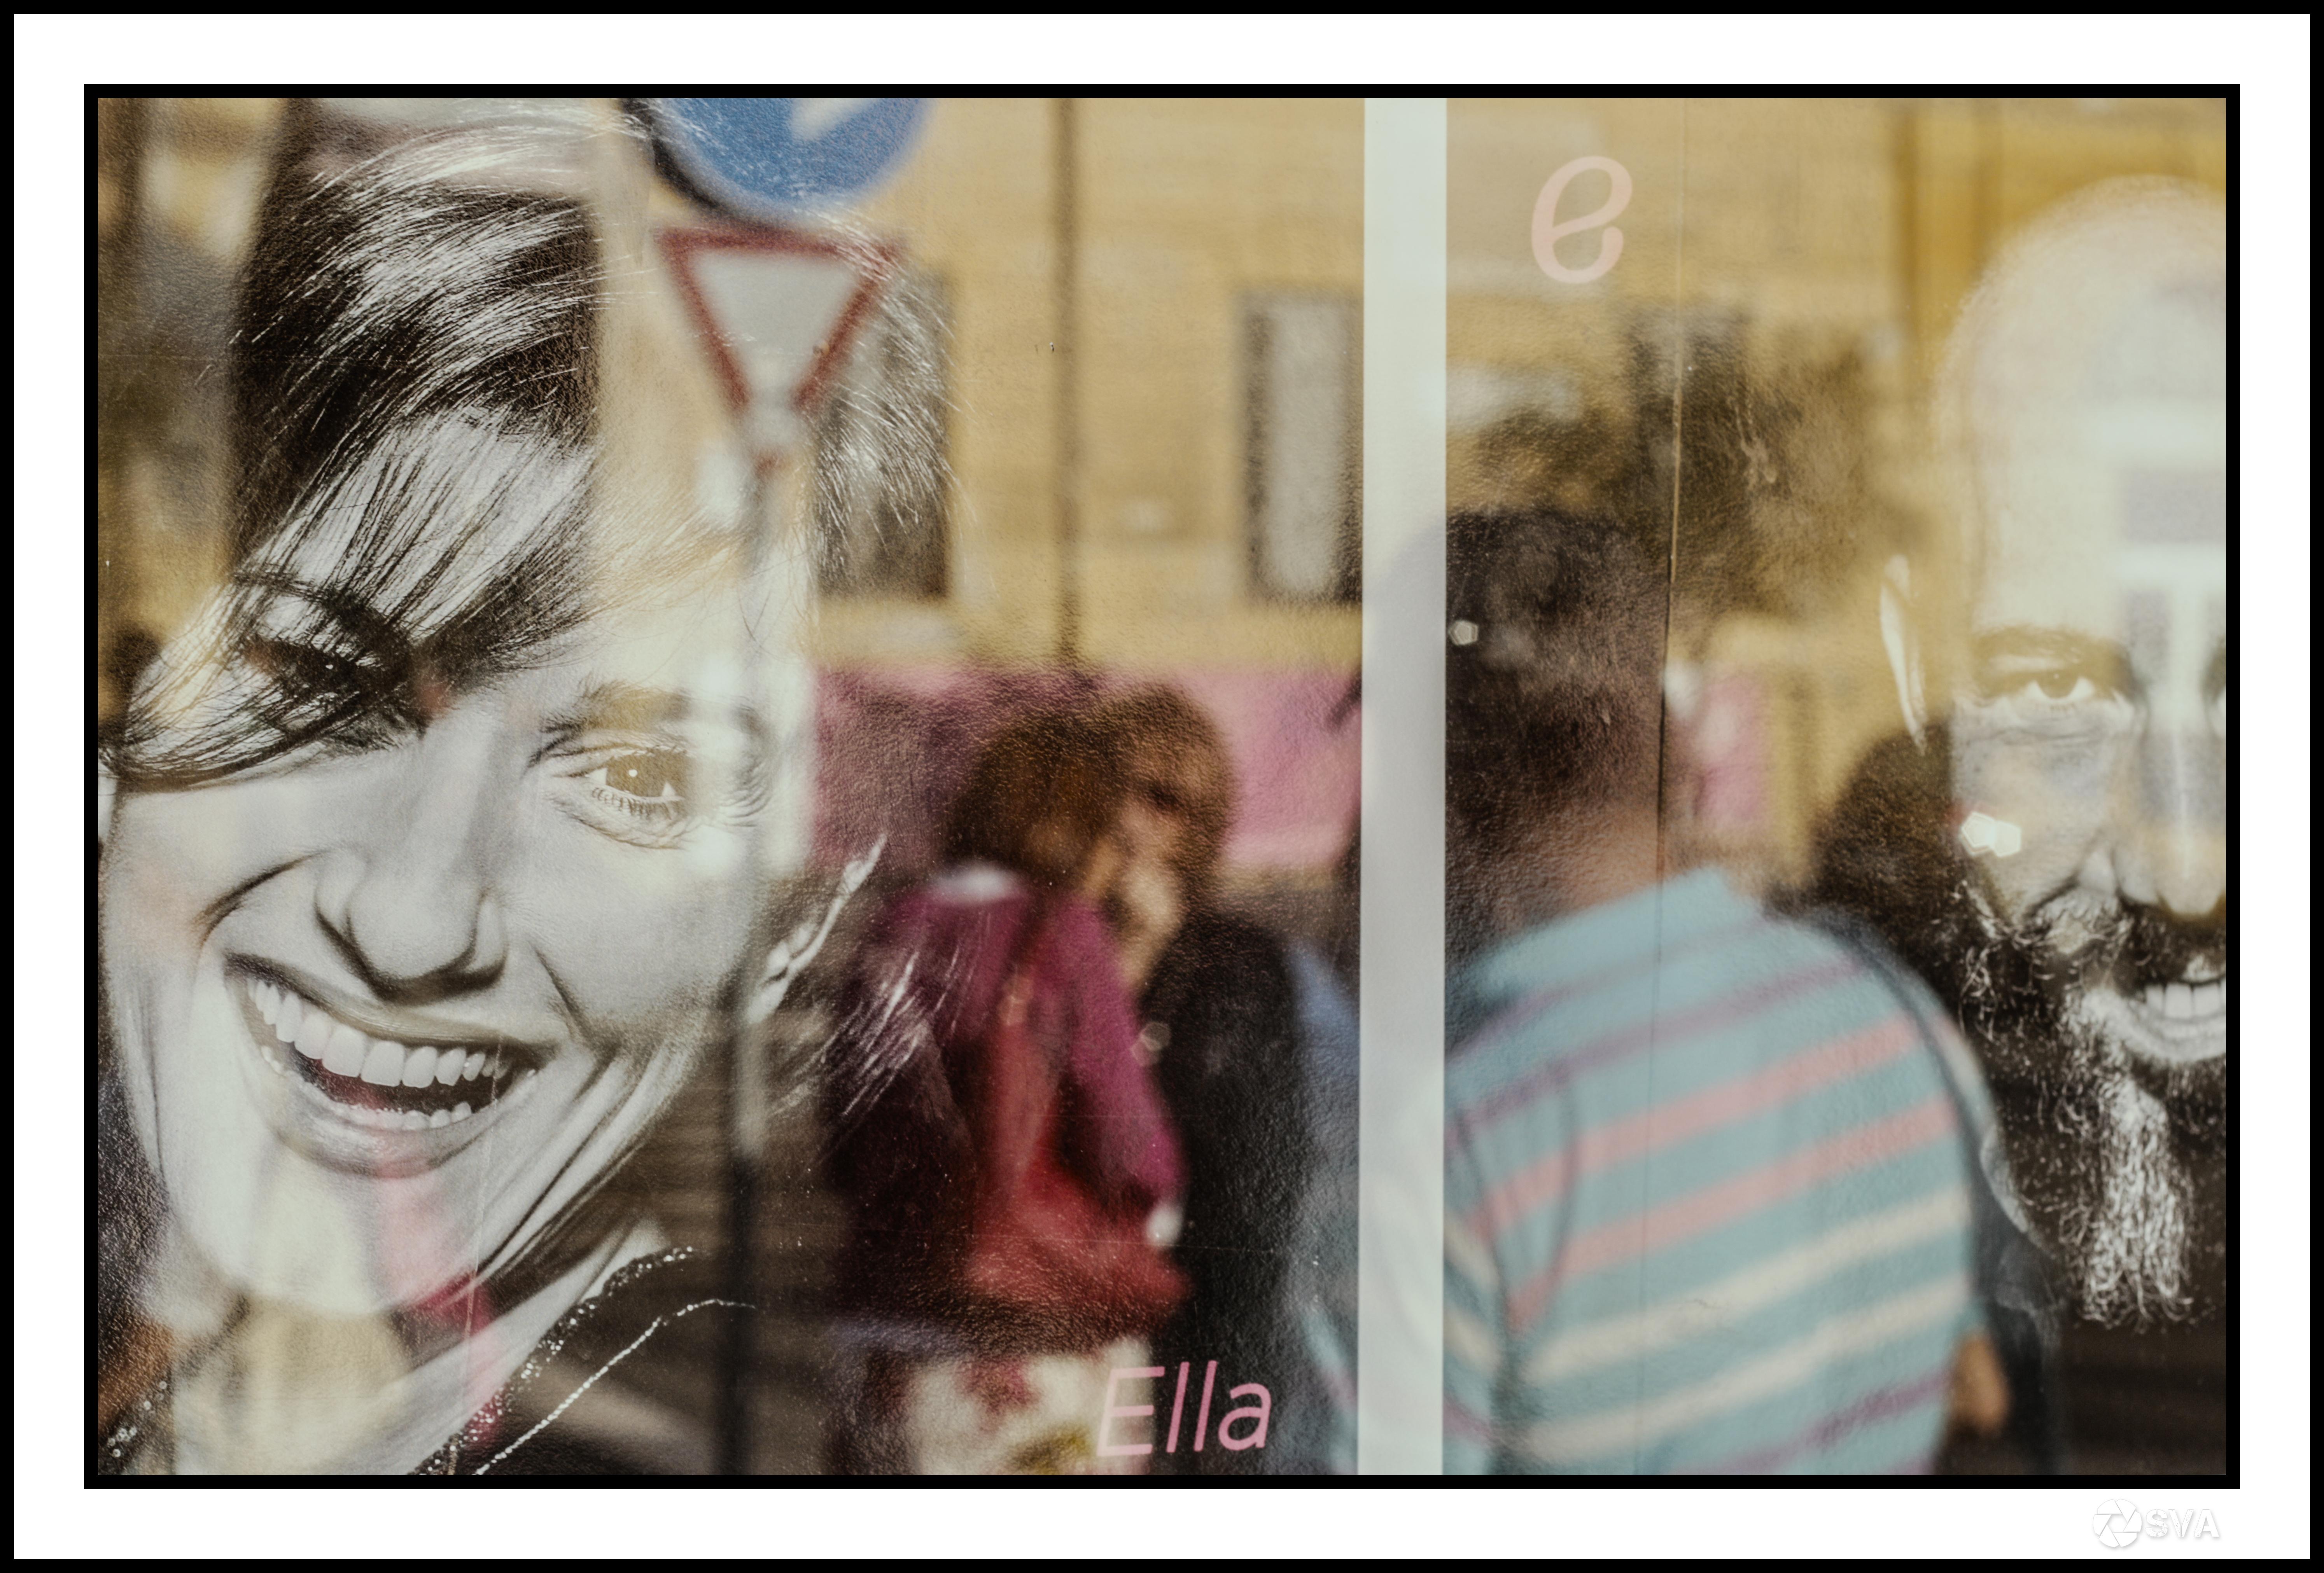 Roma_My half_Perspective smiles